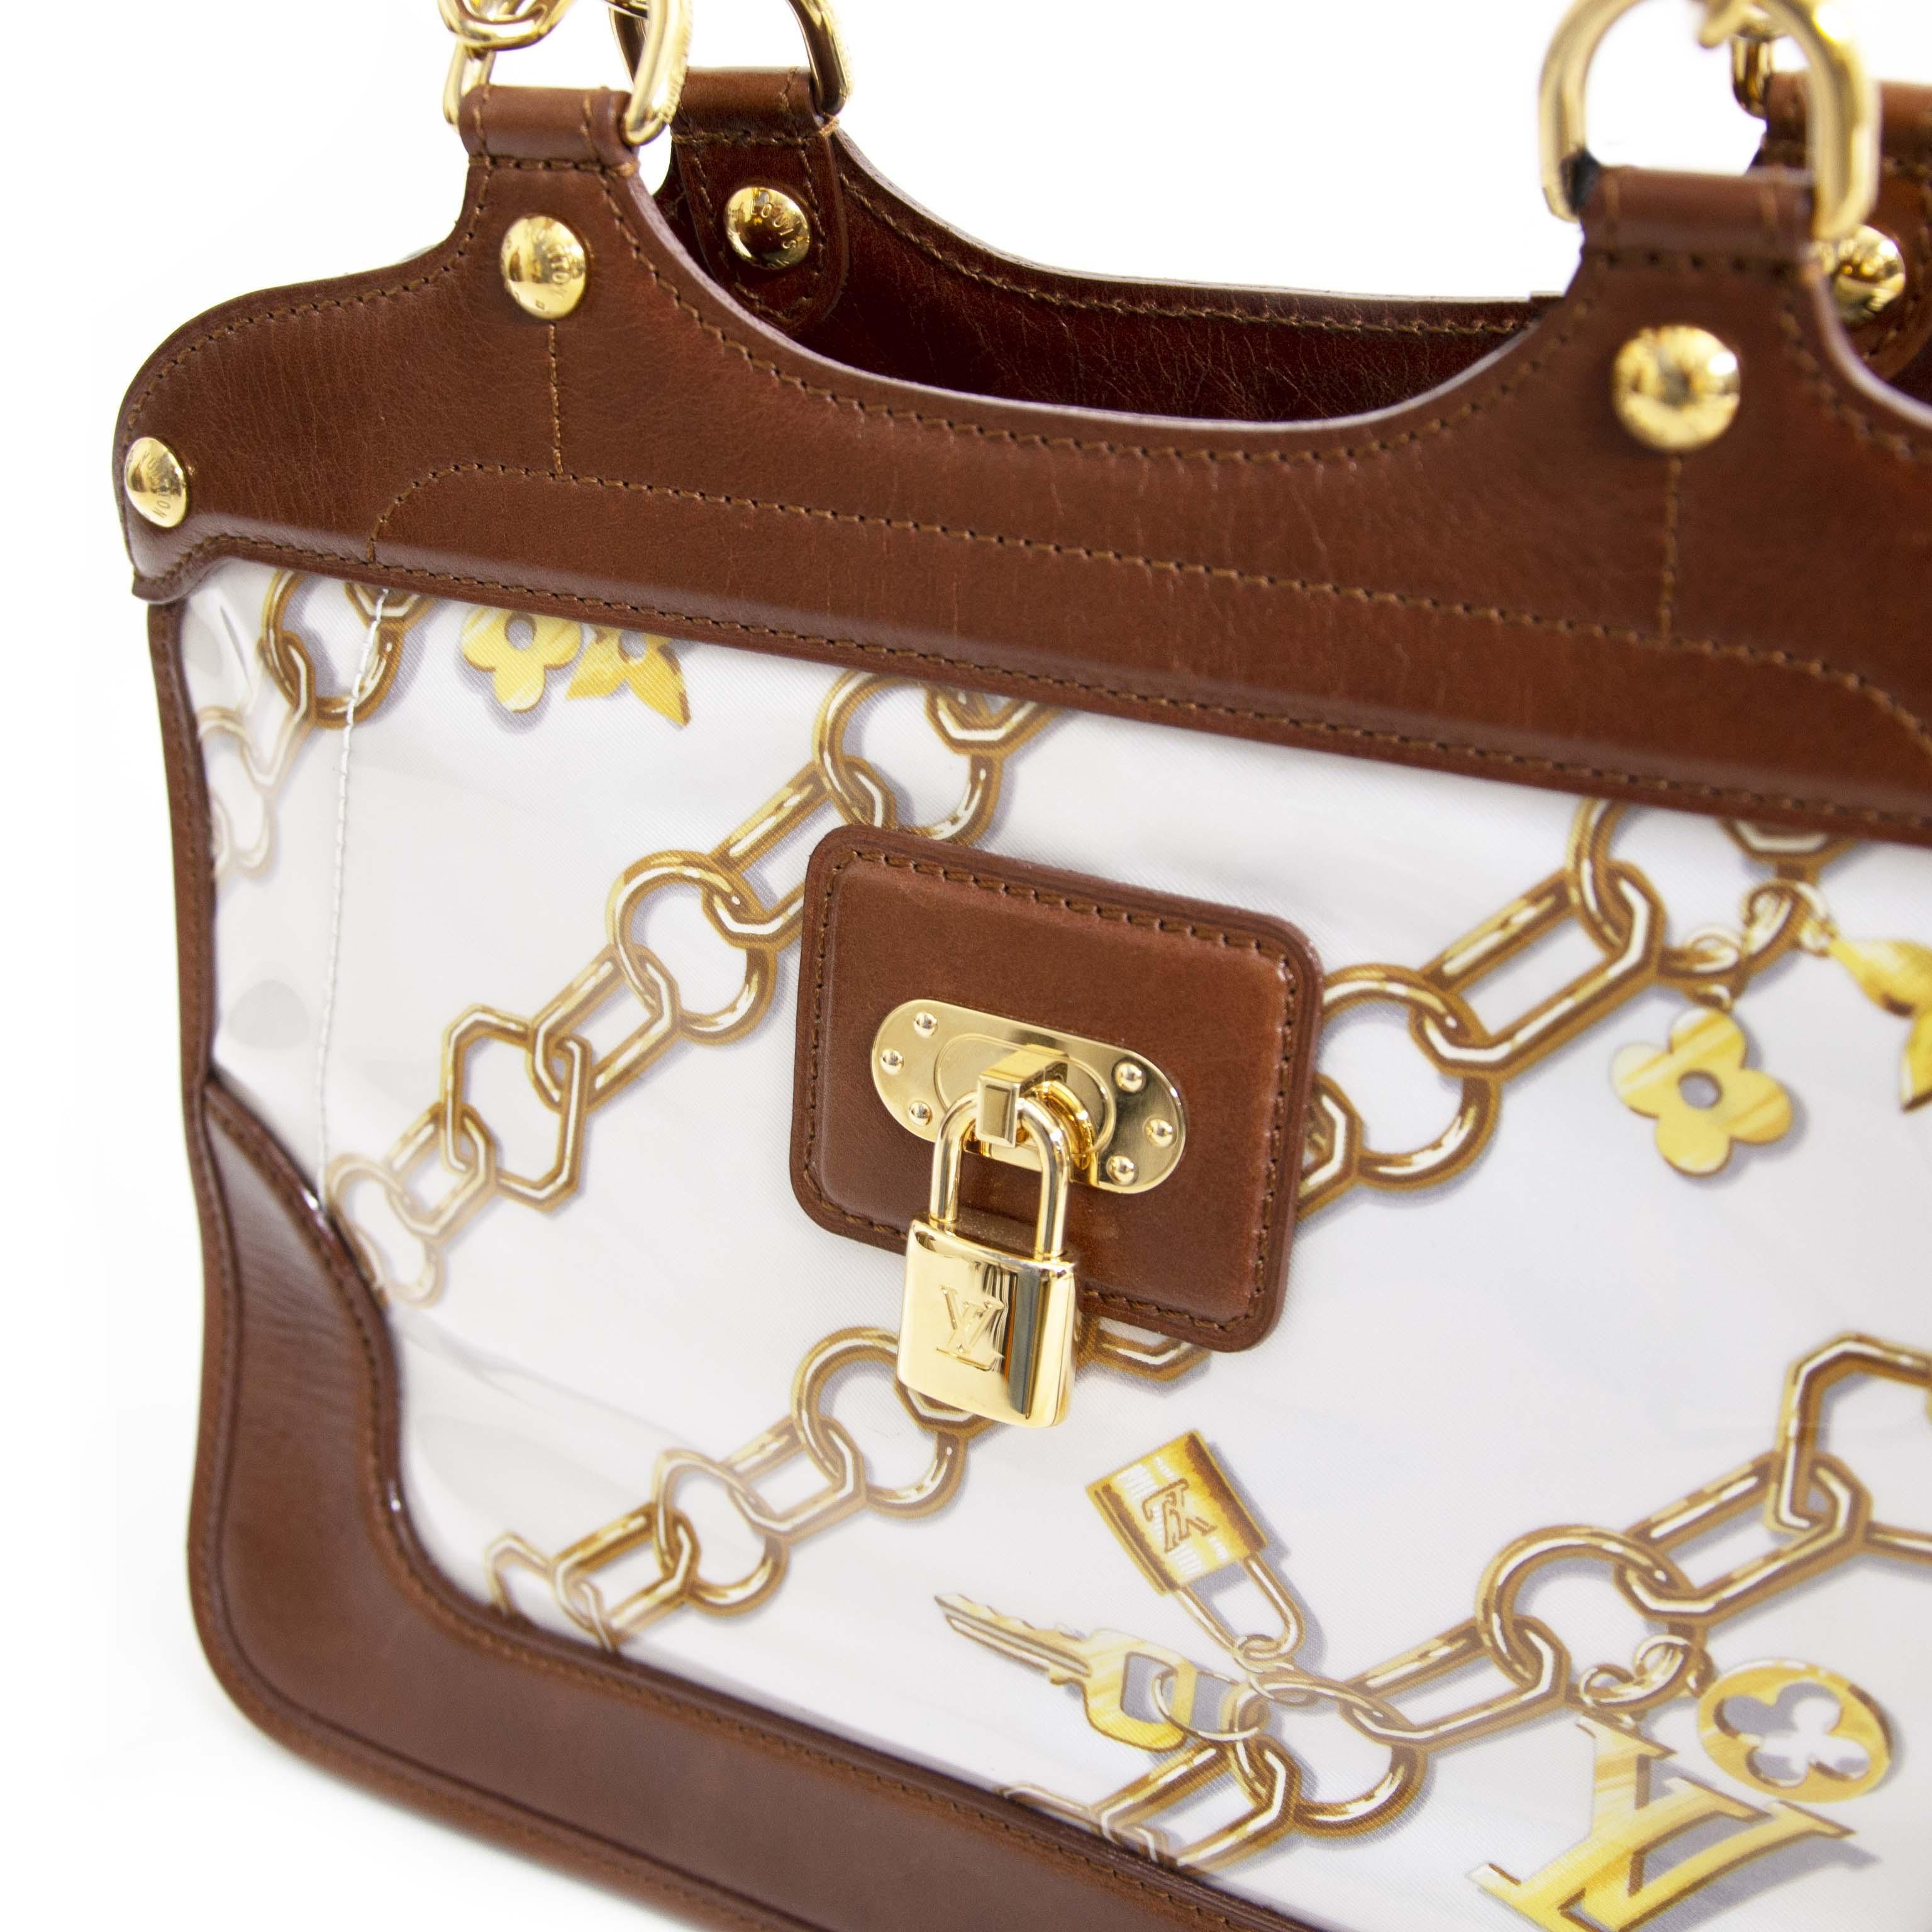 7d949463f7f8 Louis Vuitton Limited Edition Monogram Charms Shoulder Bag · Louis Vuitton